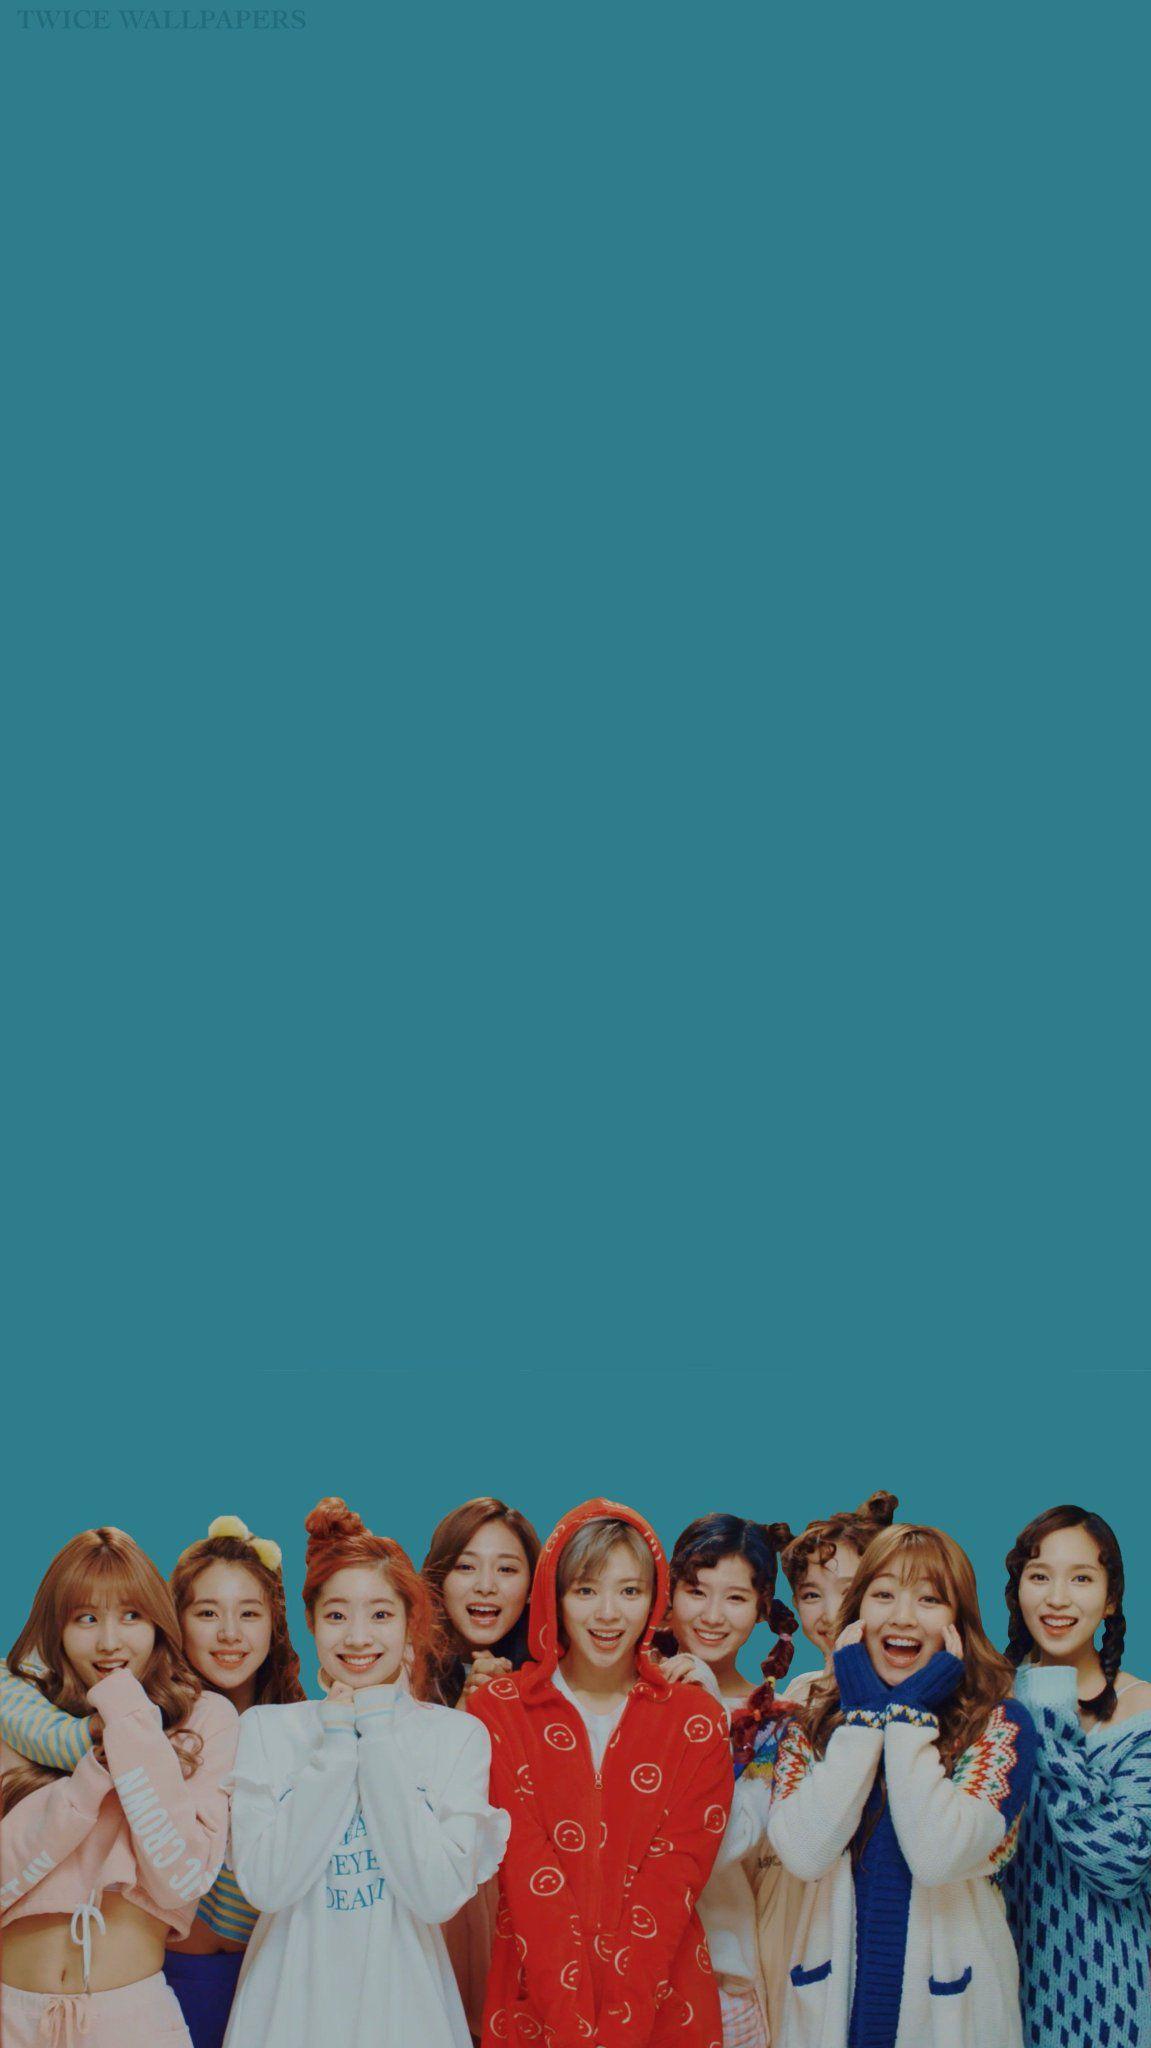 Twice Wallpaperѕ On Twitter In 2021 Kpop Girls Kpop Wallpaper Twice Knock Knock